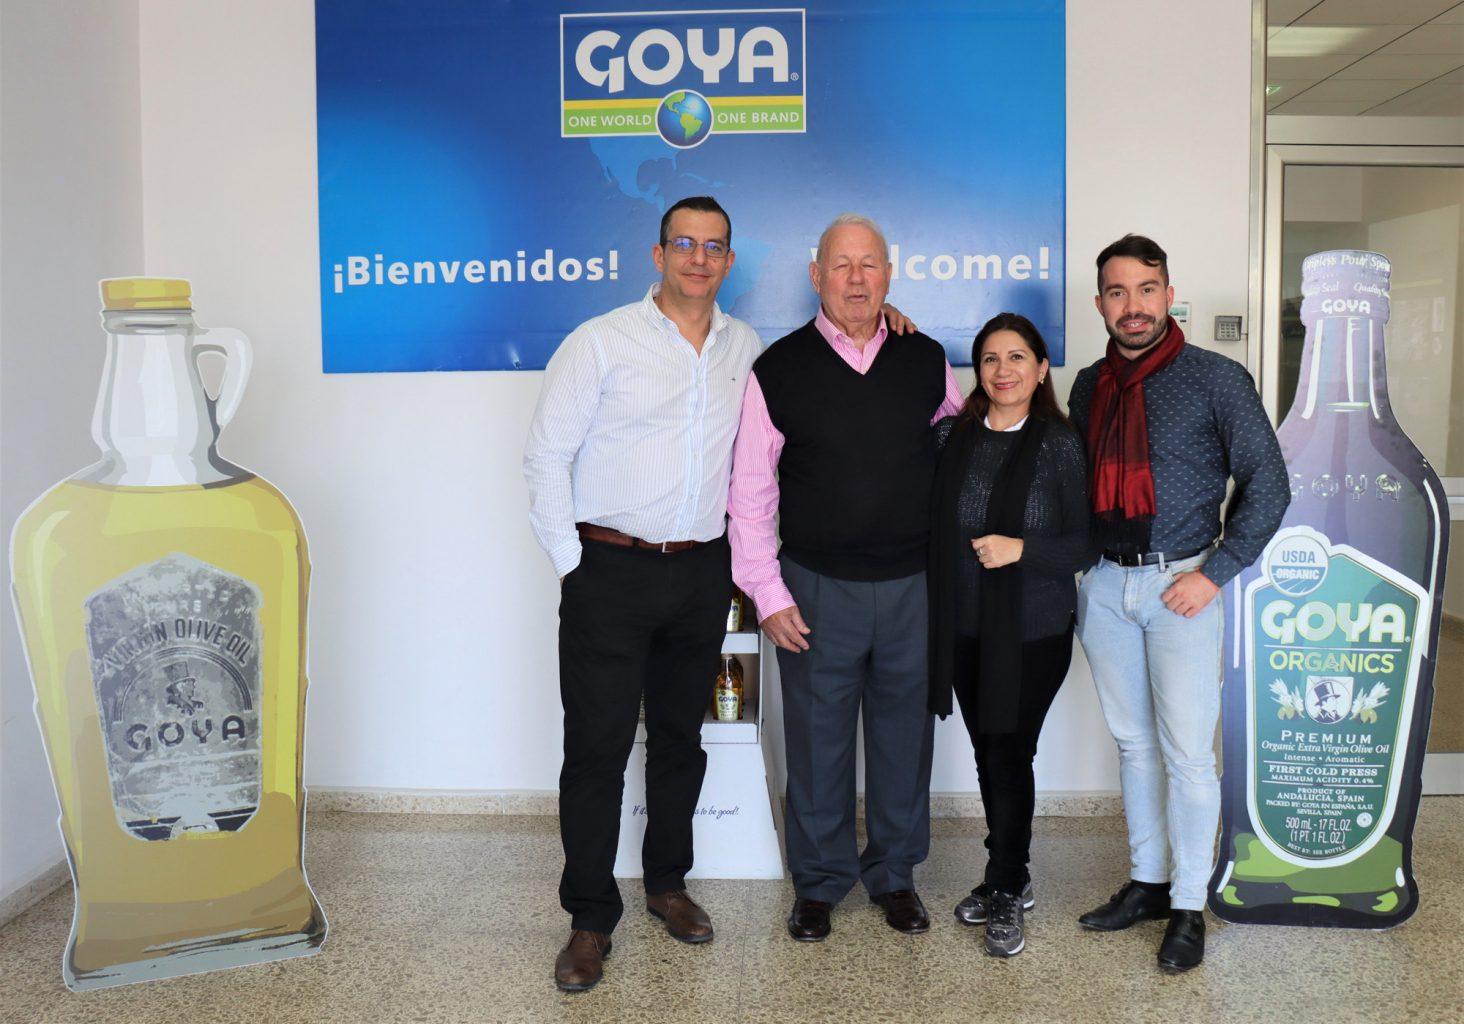 Convención comercial en Goya España | Commercial Convention at Goya España